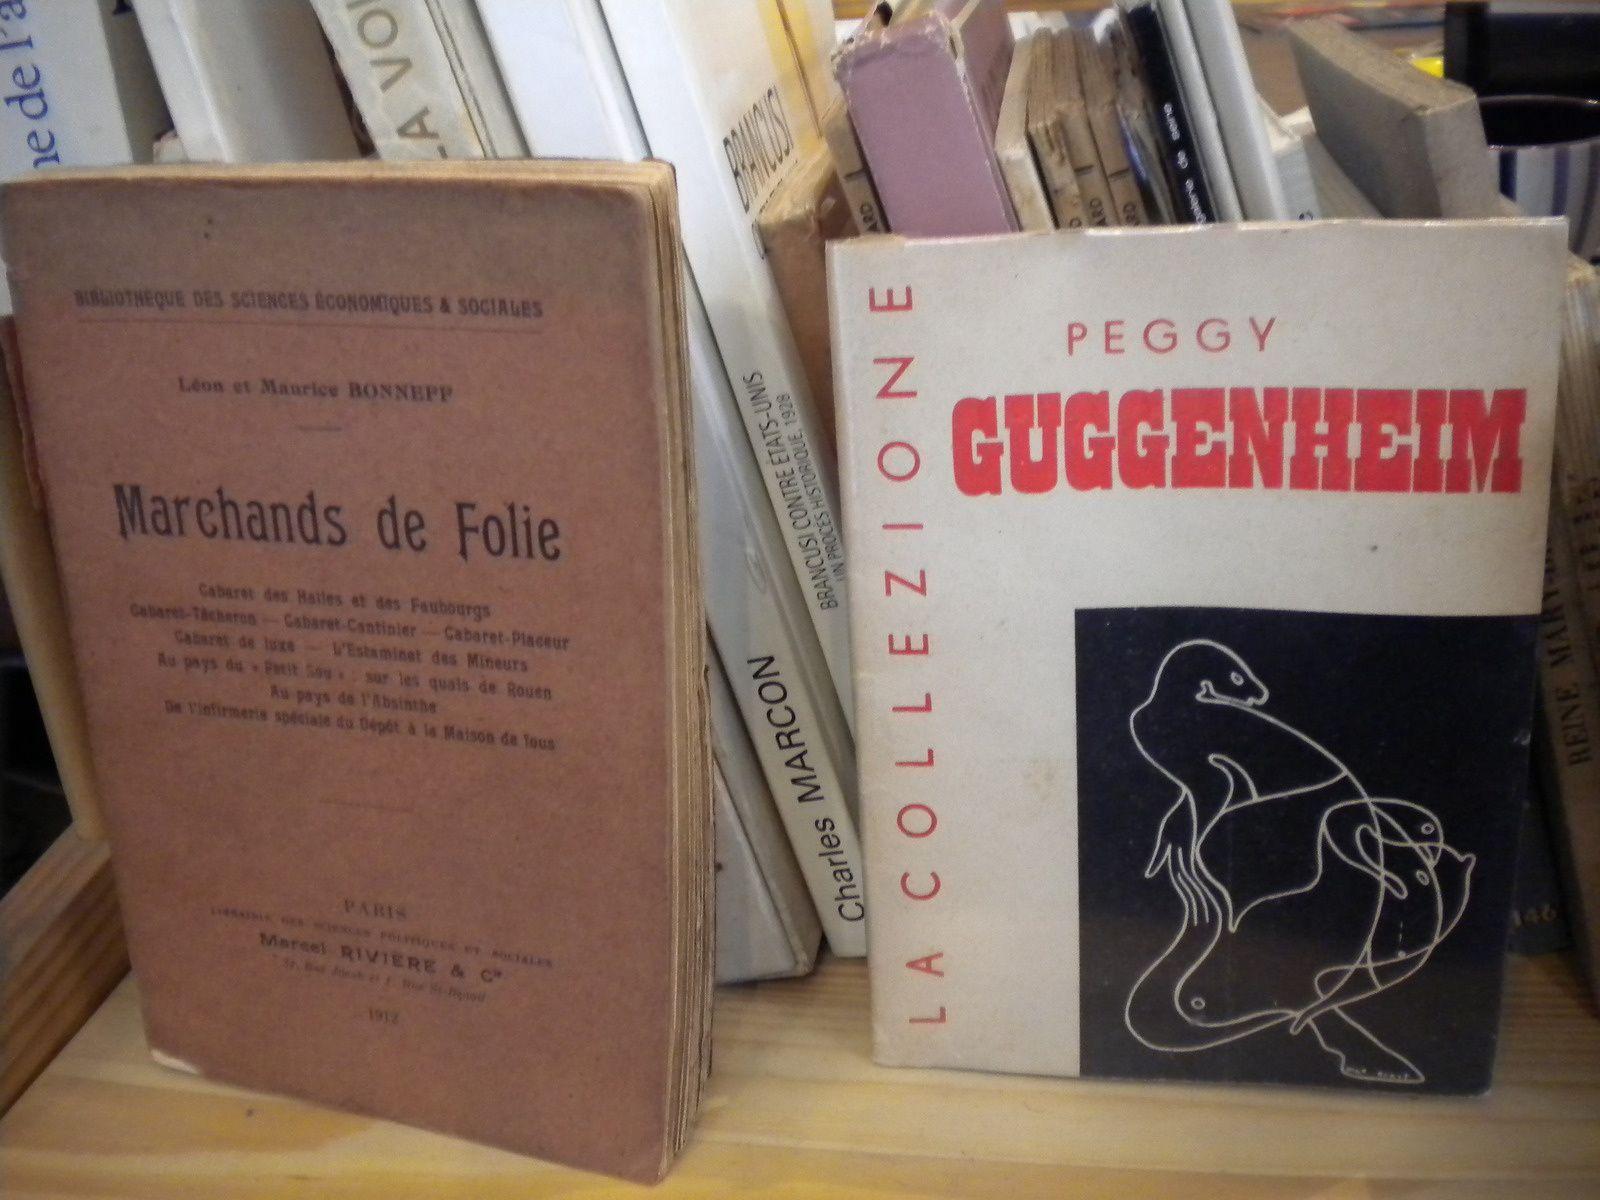 SEDON (librairie)